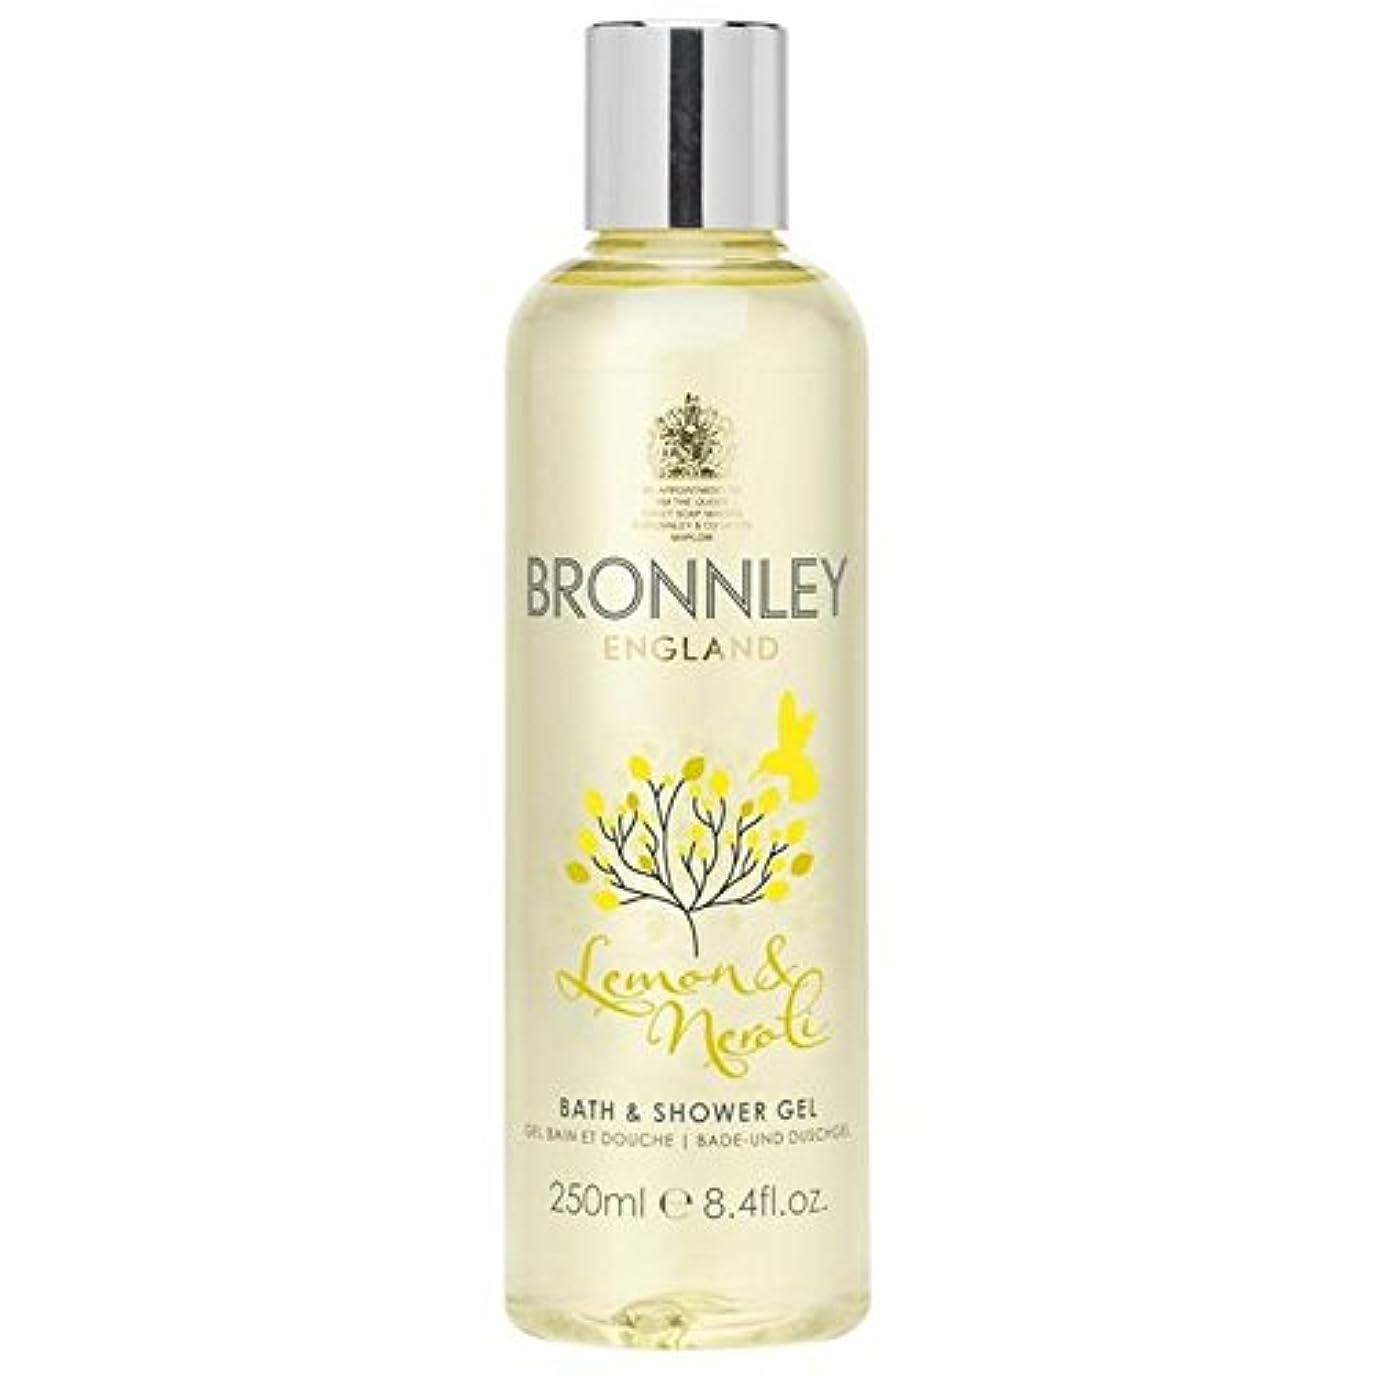 エスニックアフリカ自殺Bronnley Lemon & Neroli Bath & Shower Gel 250ml - レモン&ネロリバス&シャワージェル250ミリリットル [並行輸入品]